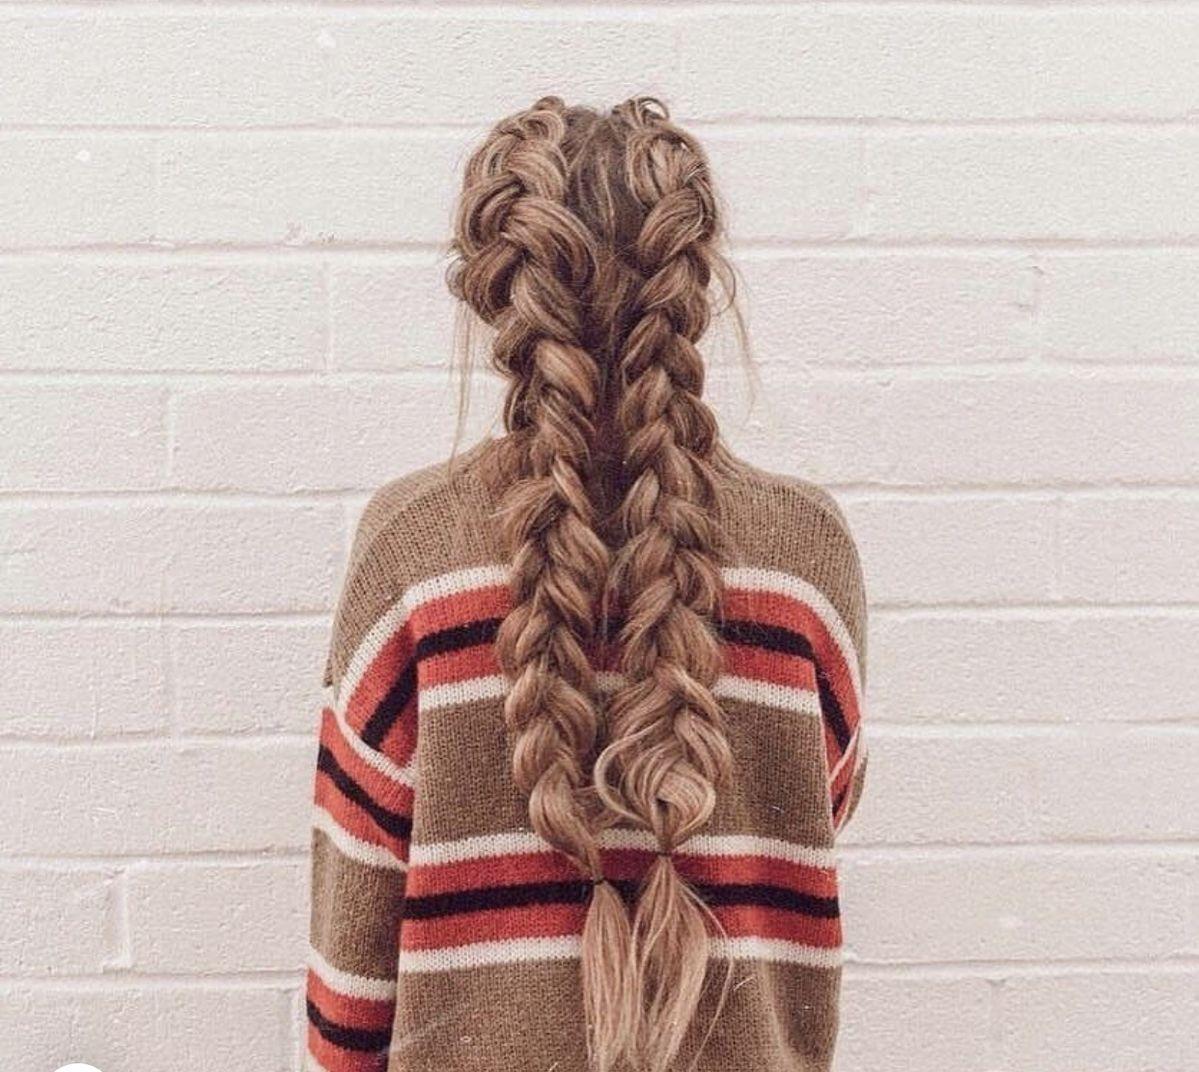 """Good Hair <a class=""""pintag"""" href=""""/explore/soulclothingwanaka/"""" title=""""#soulclothingwanaka explore Pinterest"""">#soulclothingwanaka</a> <a class=""""pintag"""" href=""""/explore/shoponline/"""" title=""""#shoponline explore Pinterest"""">#shoponline</a> <a class=""""pintag"""" href=""""/explore/soulstyle/"""" title=""""#soulstyle explore Pinterest"""">#soulstyle</a> <a class=""""pintag"""" href=""""/explore/womensfashion/"""" title=""""#womensfashion explore Pinterest"""">#womensfashion</a> <a class=""""pintag"""" href=""""/explore/hair/"""" title=""""#hair explore Pinterest"""">#hair</a> <a class=""""pintag"""" href=""""/explore/hairgoals/"""" title=""""#hairgoals explore Pinterest"""">#hairgoals</a> <a class=""""pintag"""" href=""""/explore/beauty/"""" title=""""#beauty explore Pinterest"""">#beauty</a> <a class=""""pintag"""" href=""""/explore/fashion/"""" title=""""#fashion explore Pinterest"""">#fashion</a> <a class=""""pintag"""" href=""""/explore/style/"""" title=""""#style explore Pinterest"""">#style</a> <a class=""""pintag"""" href=""""/explore/soulstyle/"""" title=""""#soulstyle explore Pinterest"""">#soulstyle</a><p><a href=""""http://www.homeinteriordesign.org/2018/02/short-guide-to-interior-decoration.html"""">Short guide to interior decoration</a></p>"""